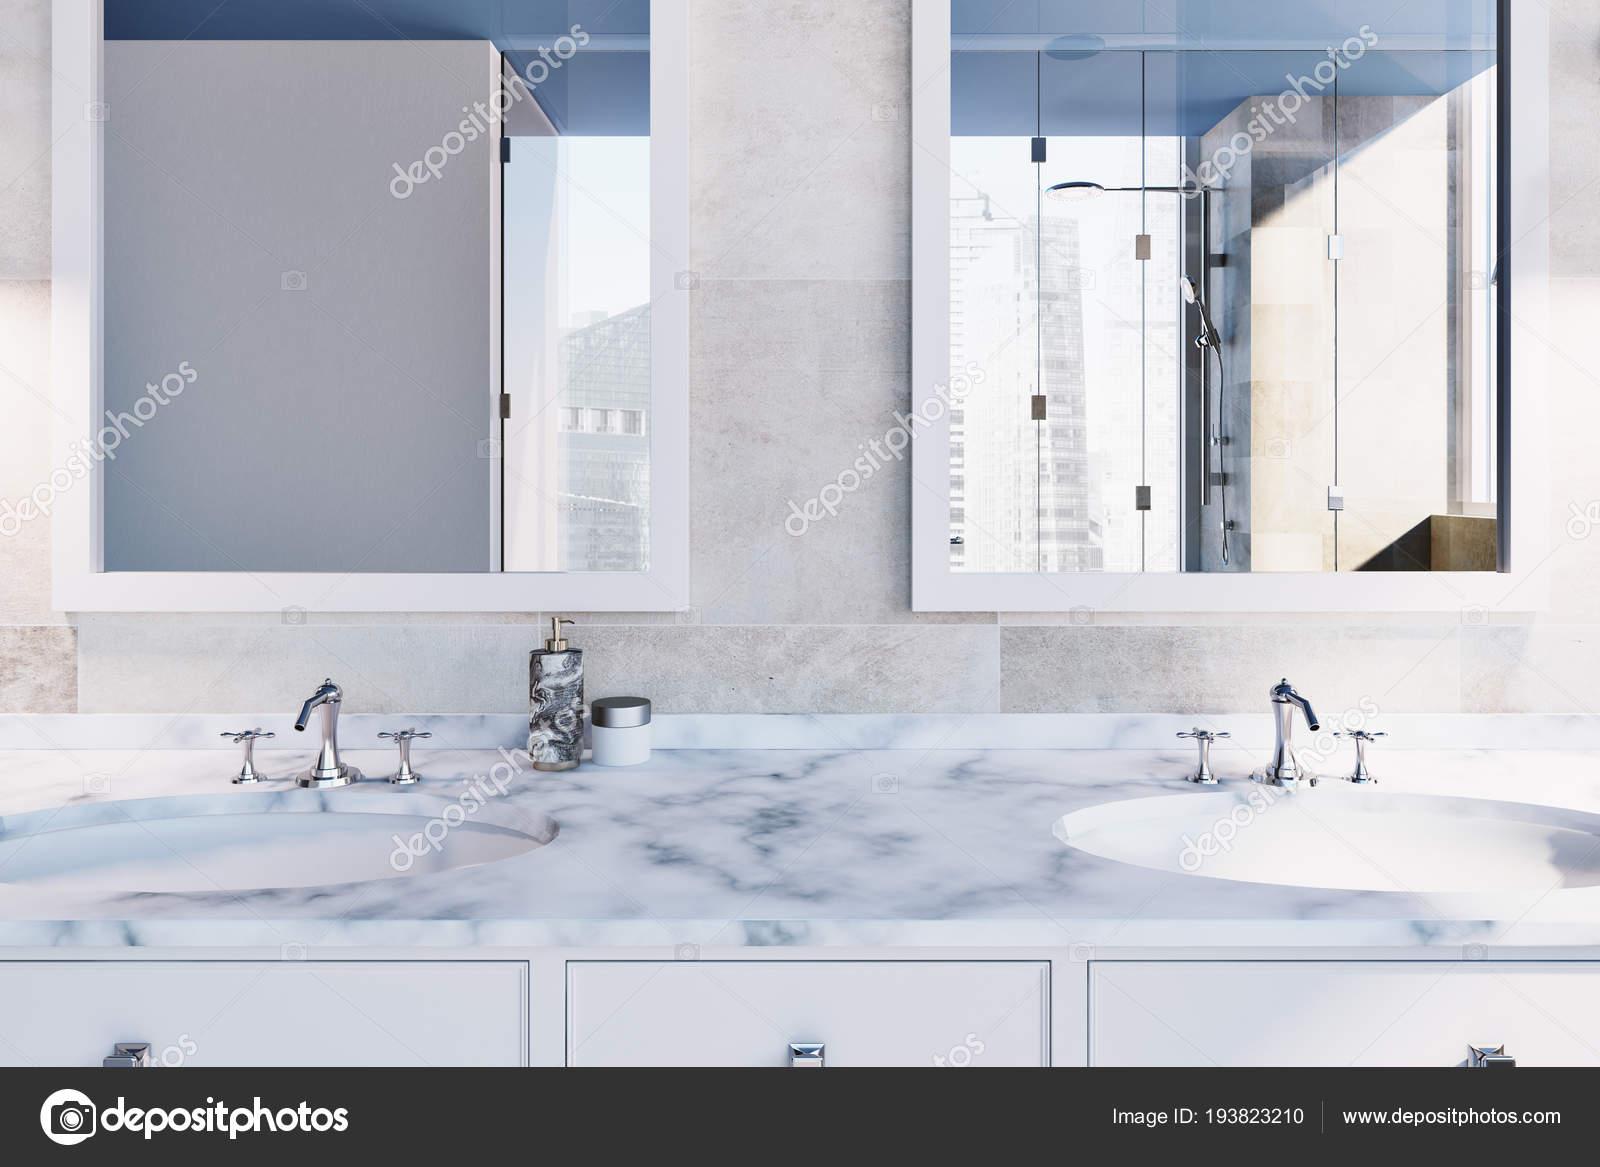 Beige piastrelle interni bagno con doppio lavabo marmo bianco due